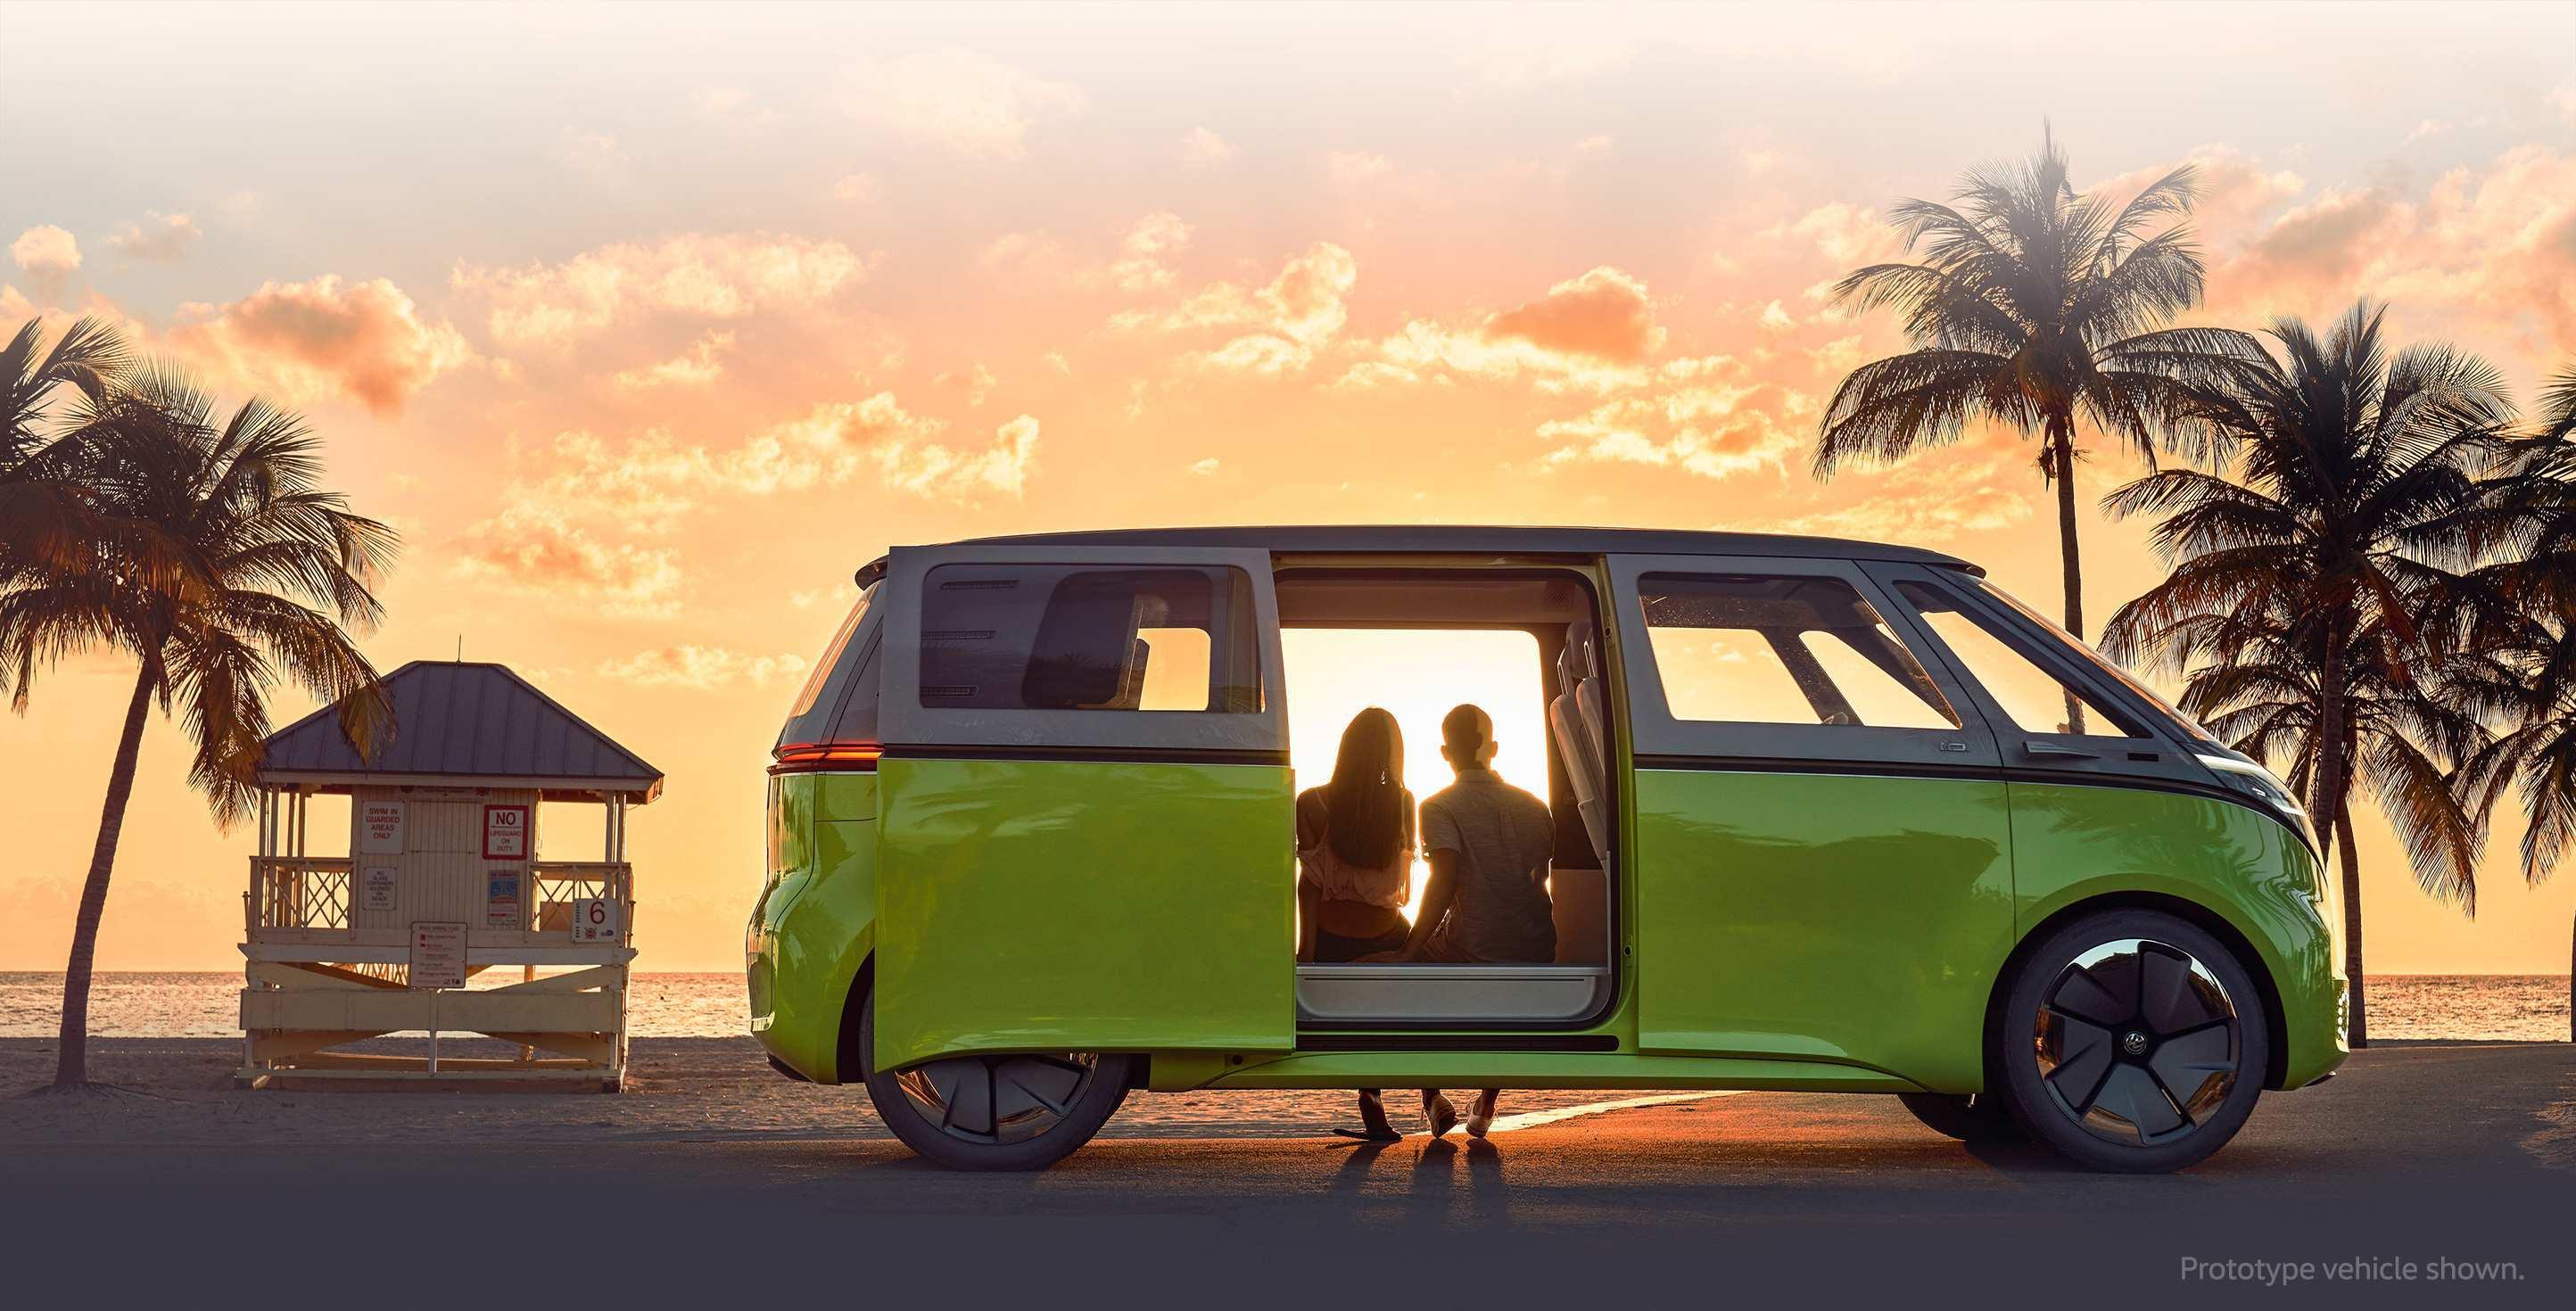 92 Best Review Volkswagen Minibus 2020 Images by Volkswagen Minibus 2020